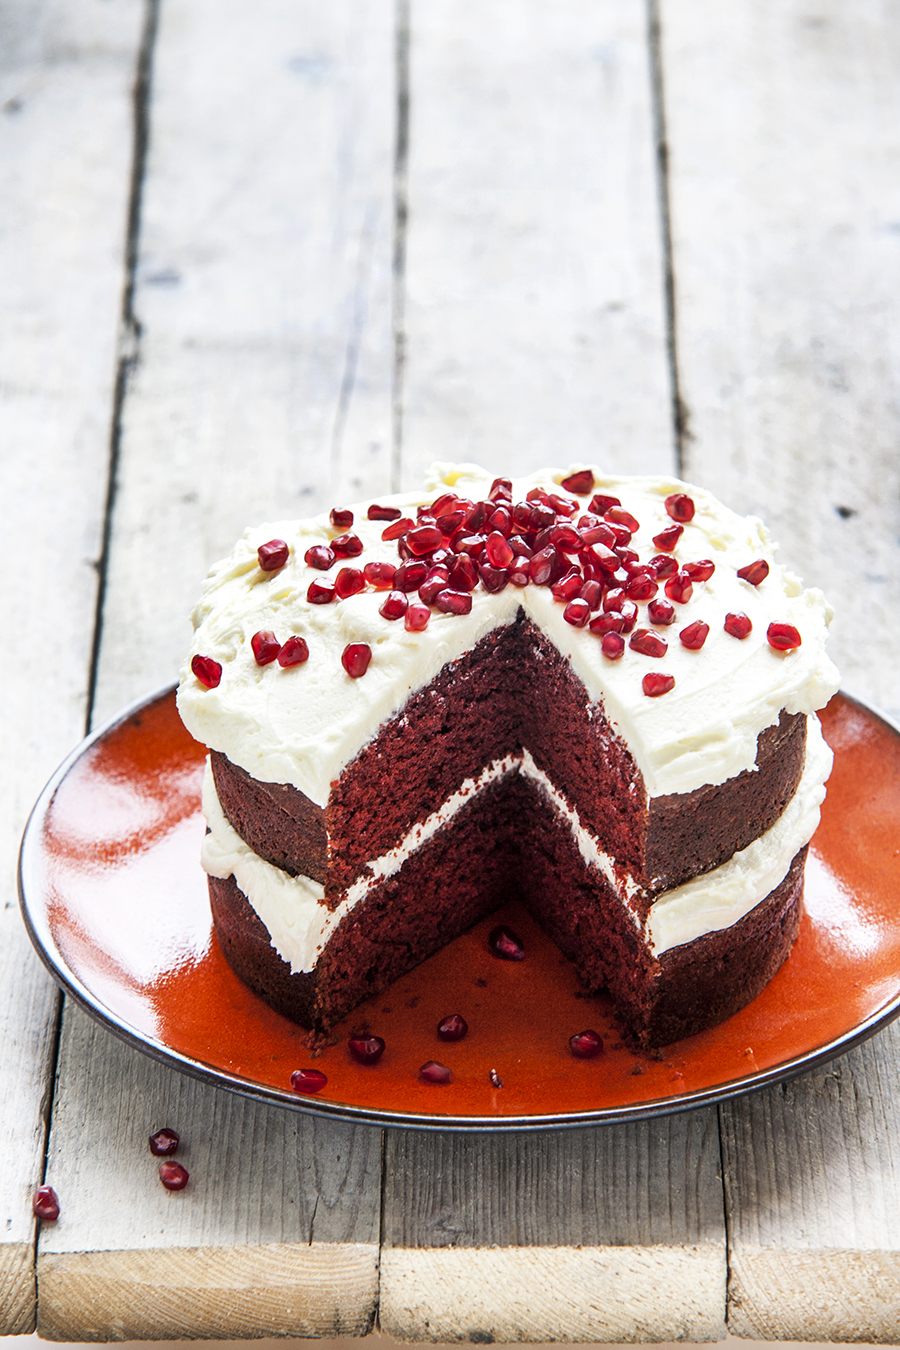 Het Recept Voor Red Velvet Cake Van Menno Heel Holland Watermelon Wallpaper Rainbow Find Free HD for Desktop [freshlhys.tk]